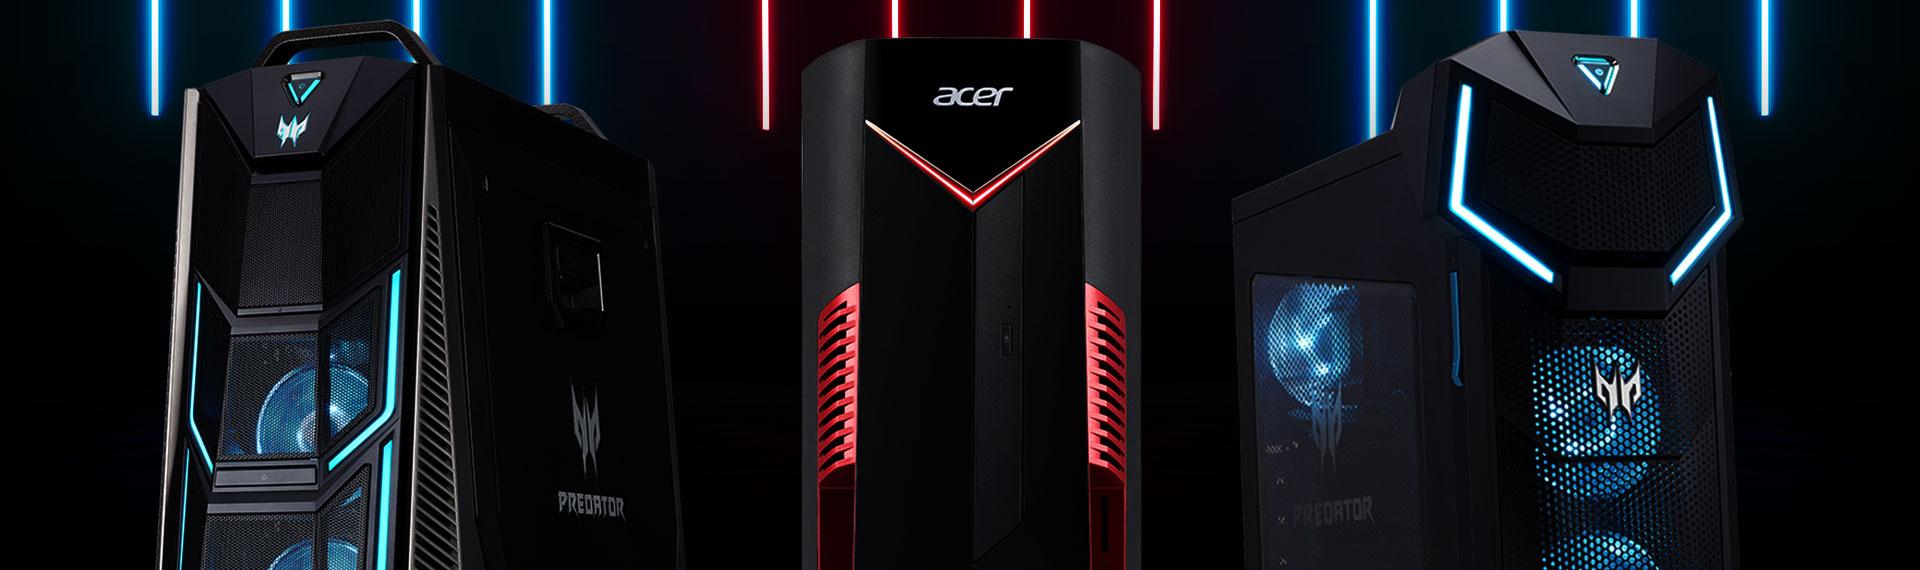 Intip Harga PC Gaming High-End Predator Buat Gamer Sejati!